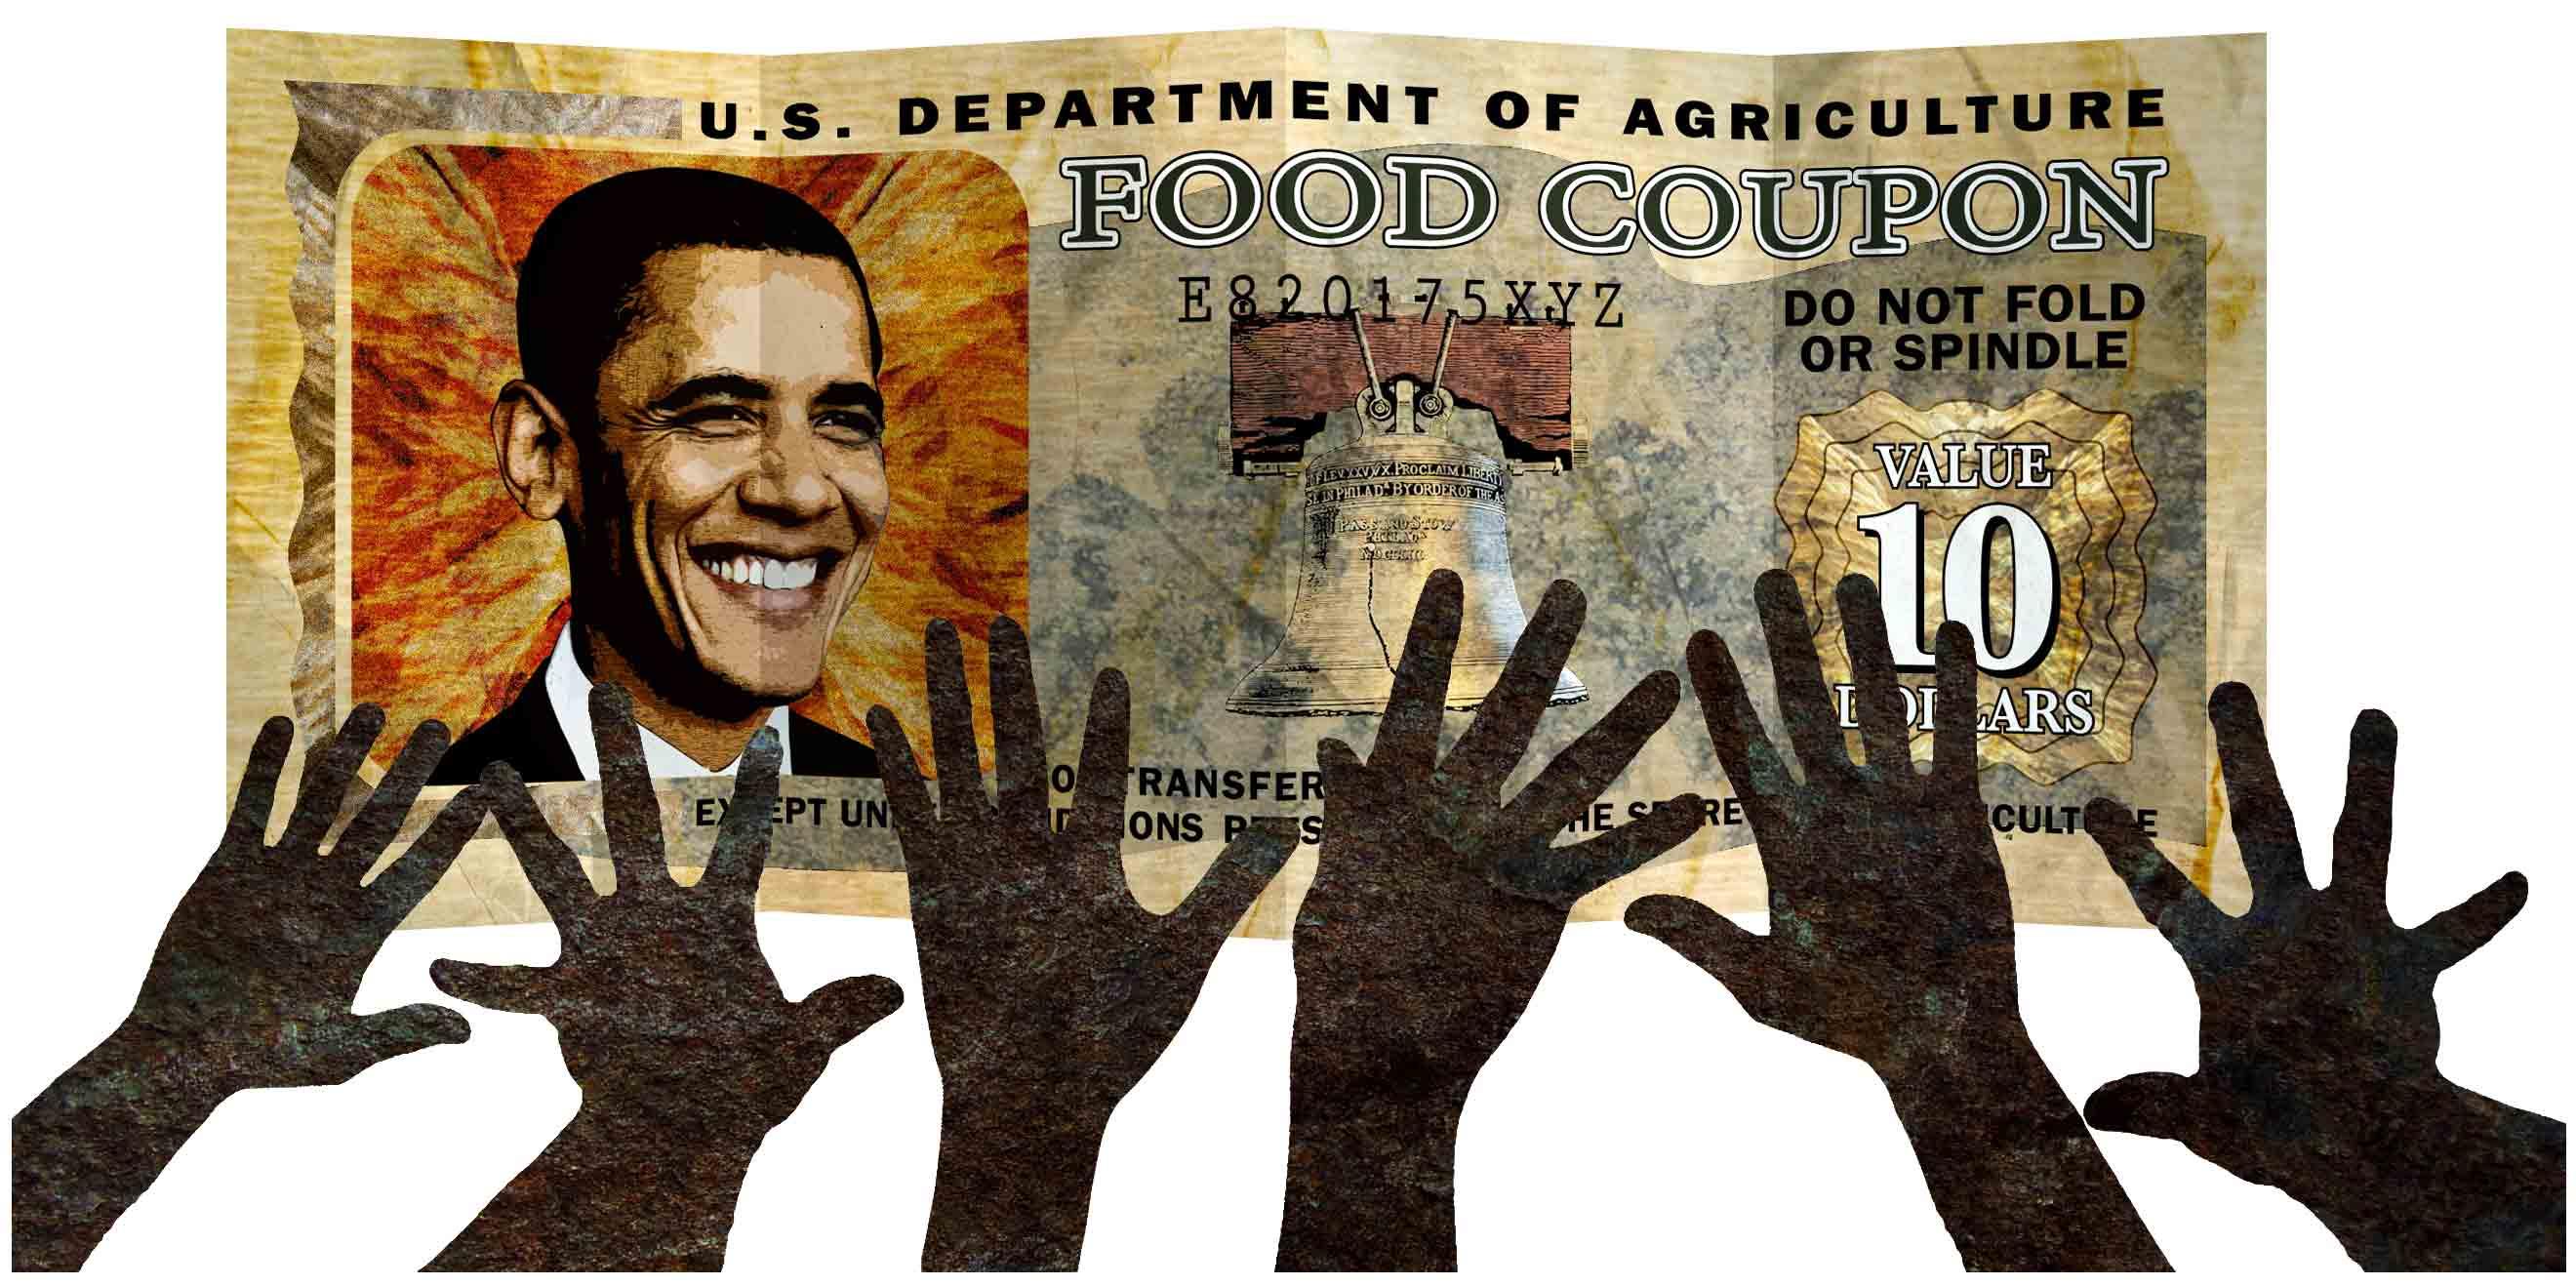 Food Stamp President Enrollment Up 70 Percent Under Obama